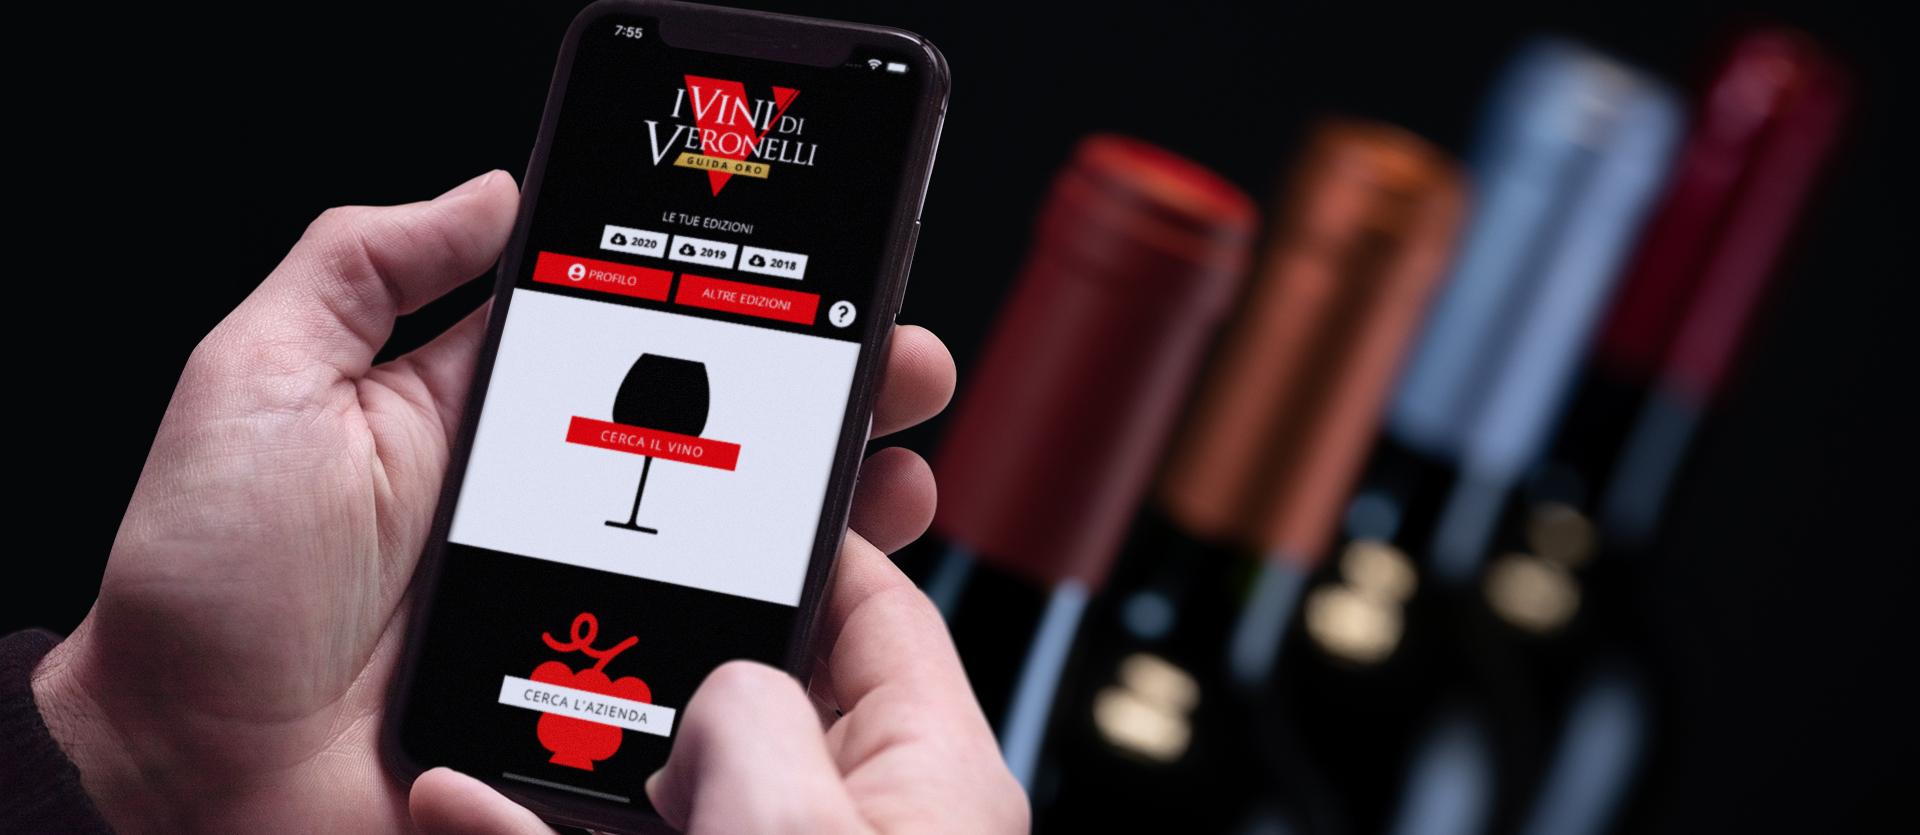 App_Vini_Veronelli_2020